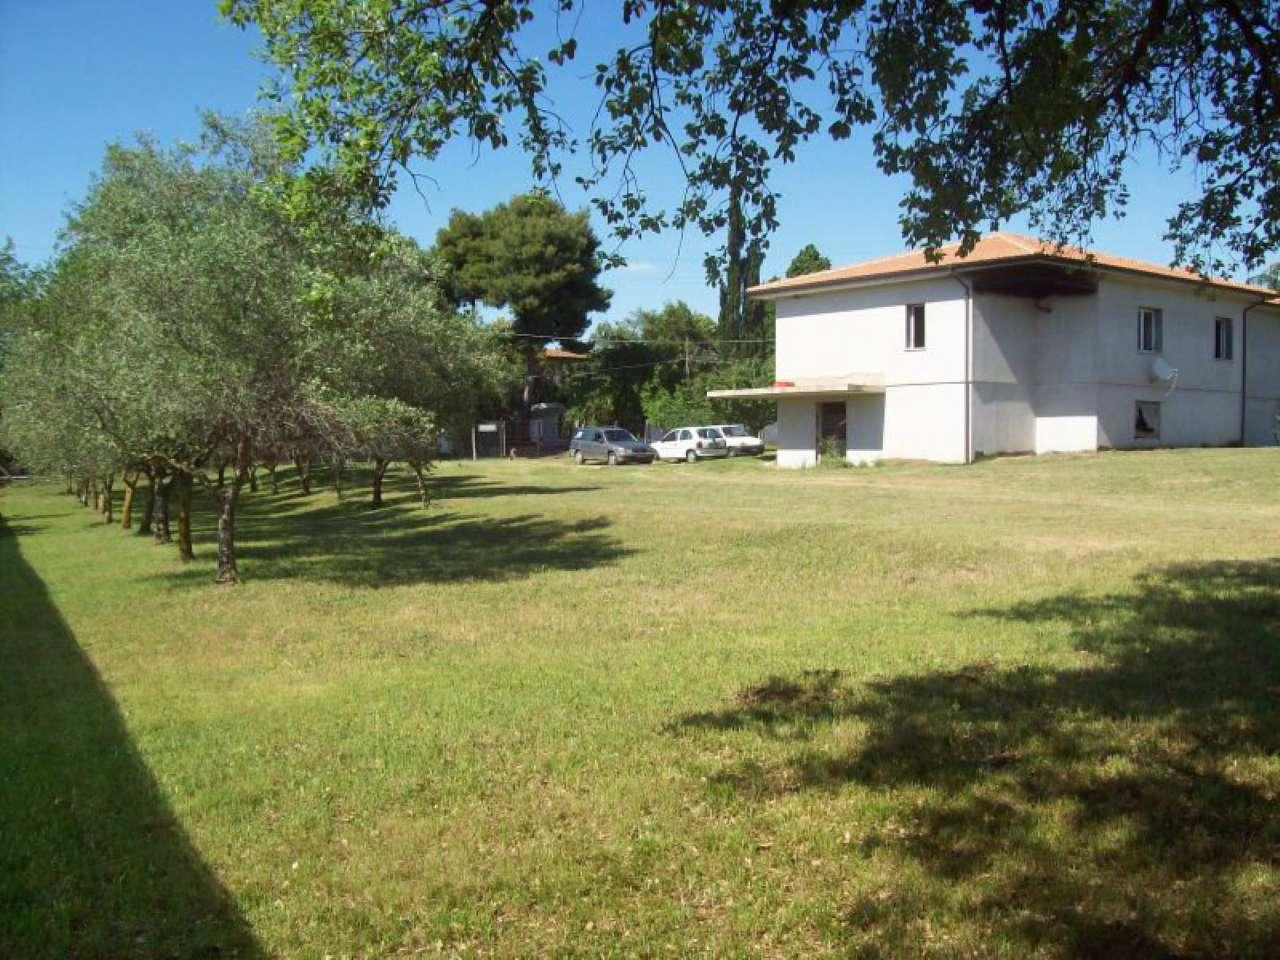 Villa in vendita a Aprilia, 7 locali, prezzo € 315.000 | CambioCasa.it